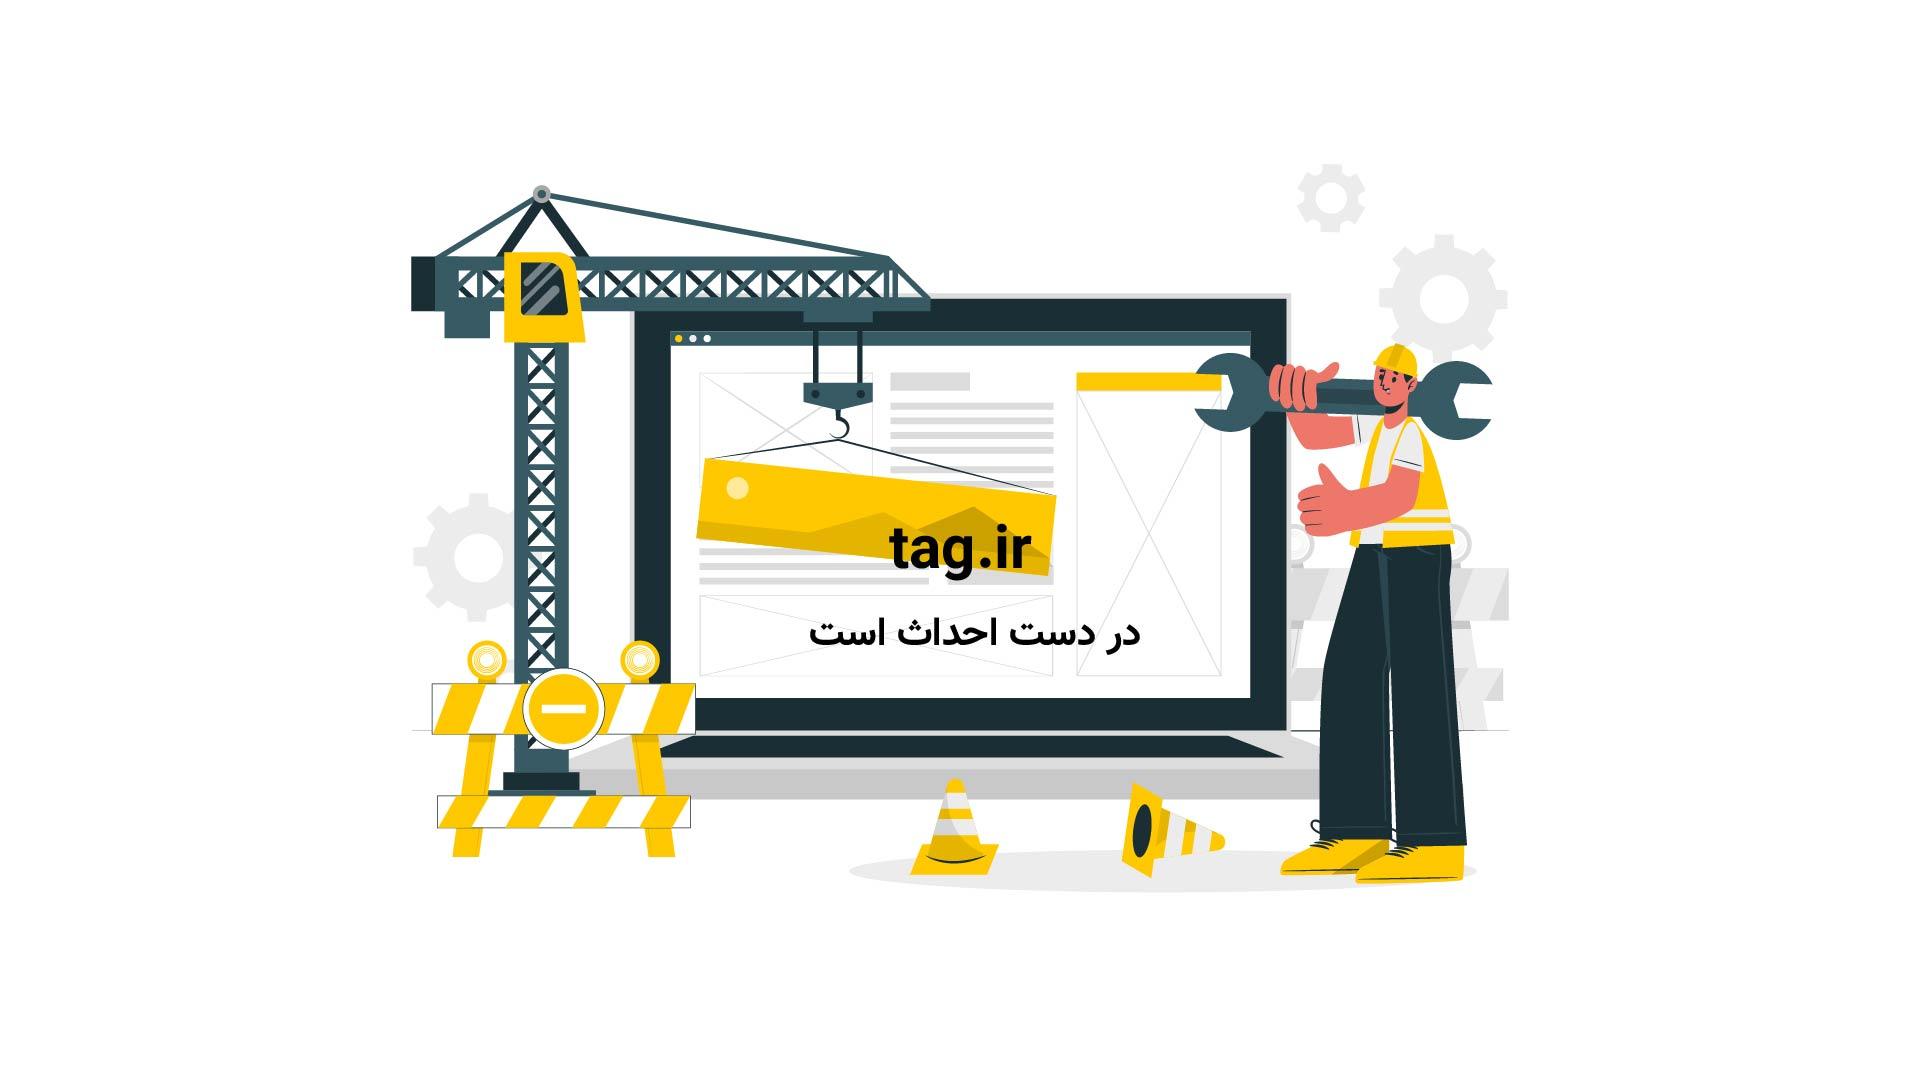 صحبت های رییس جمهور در جلسه هیات دولت | فیلم